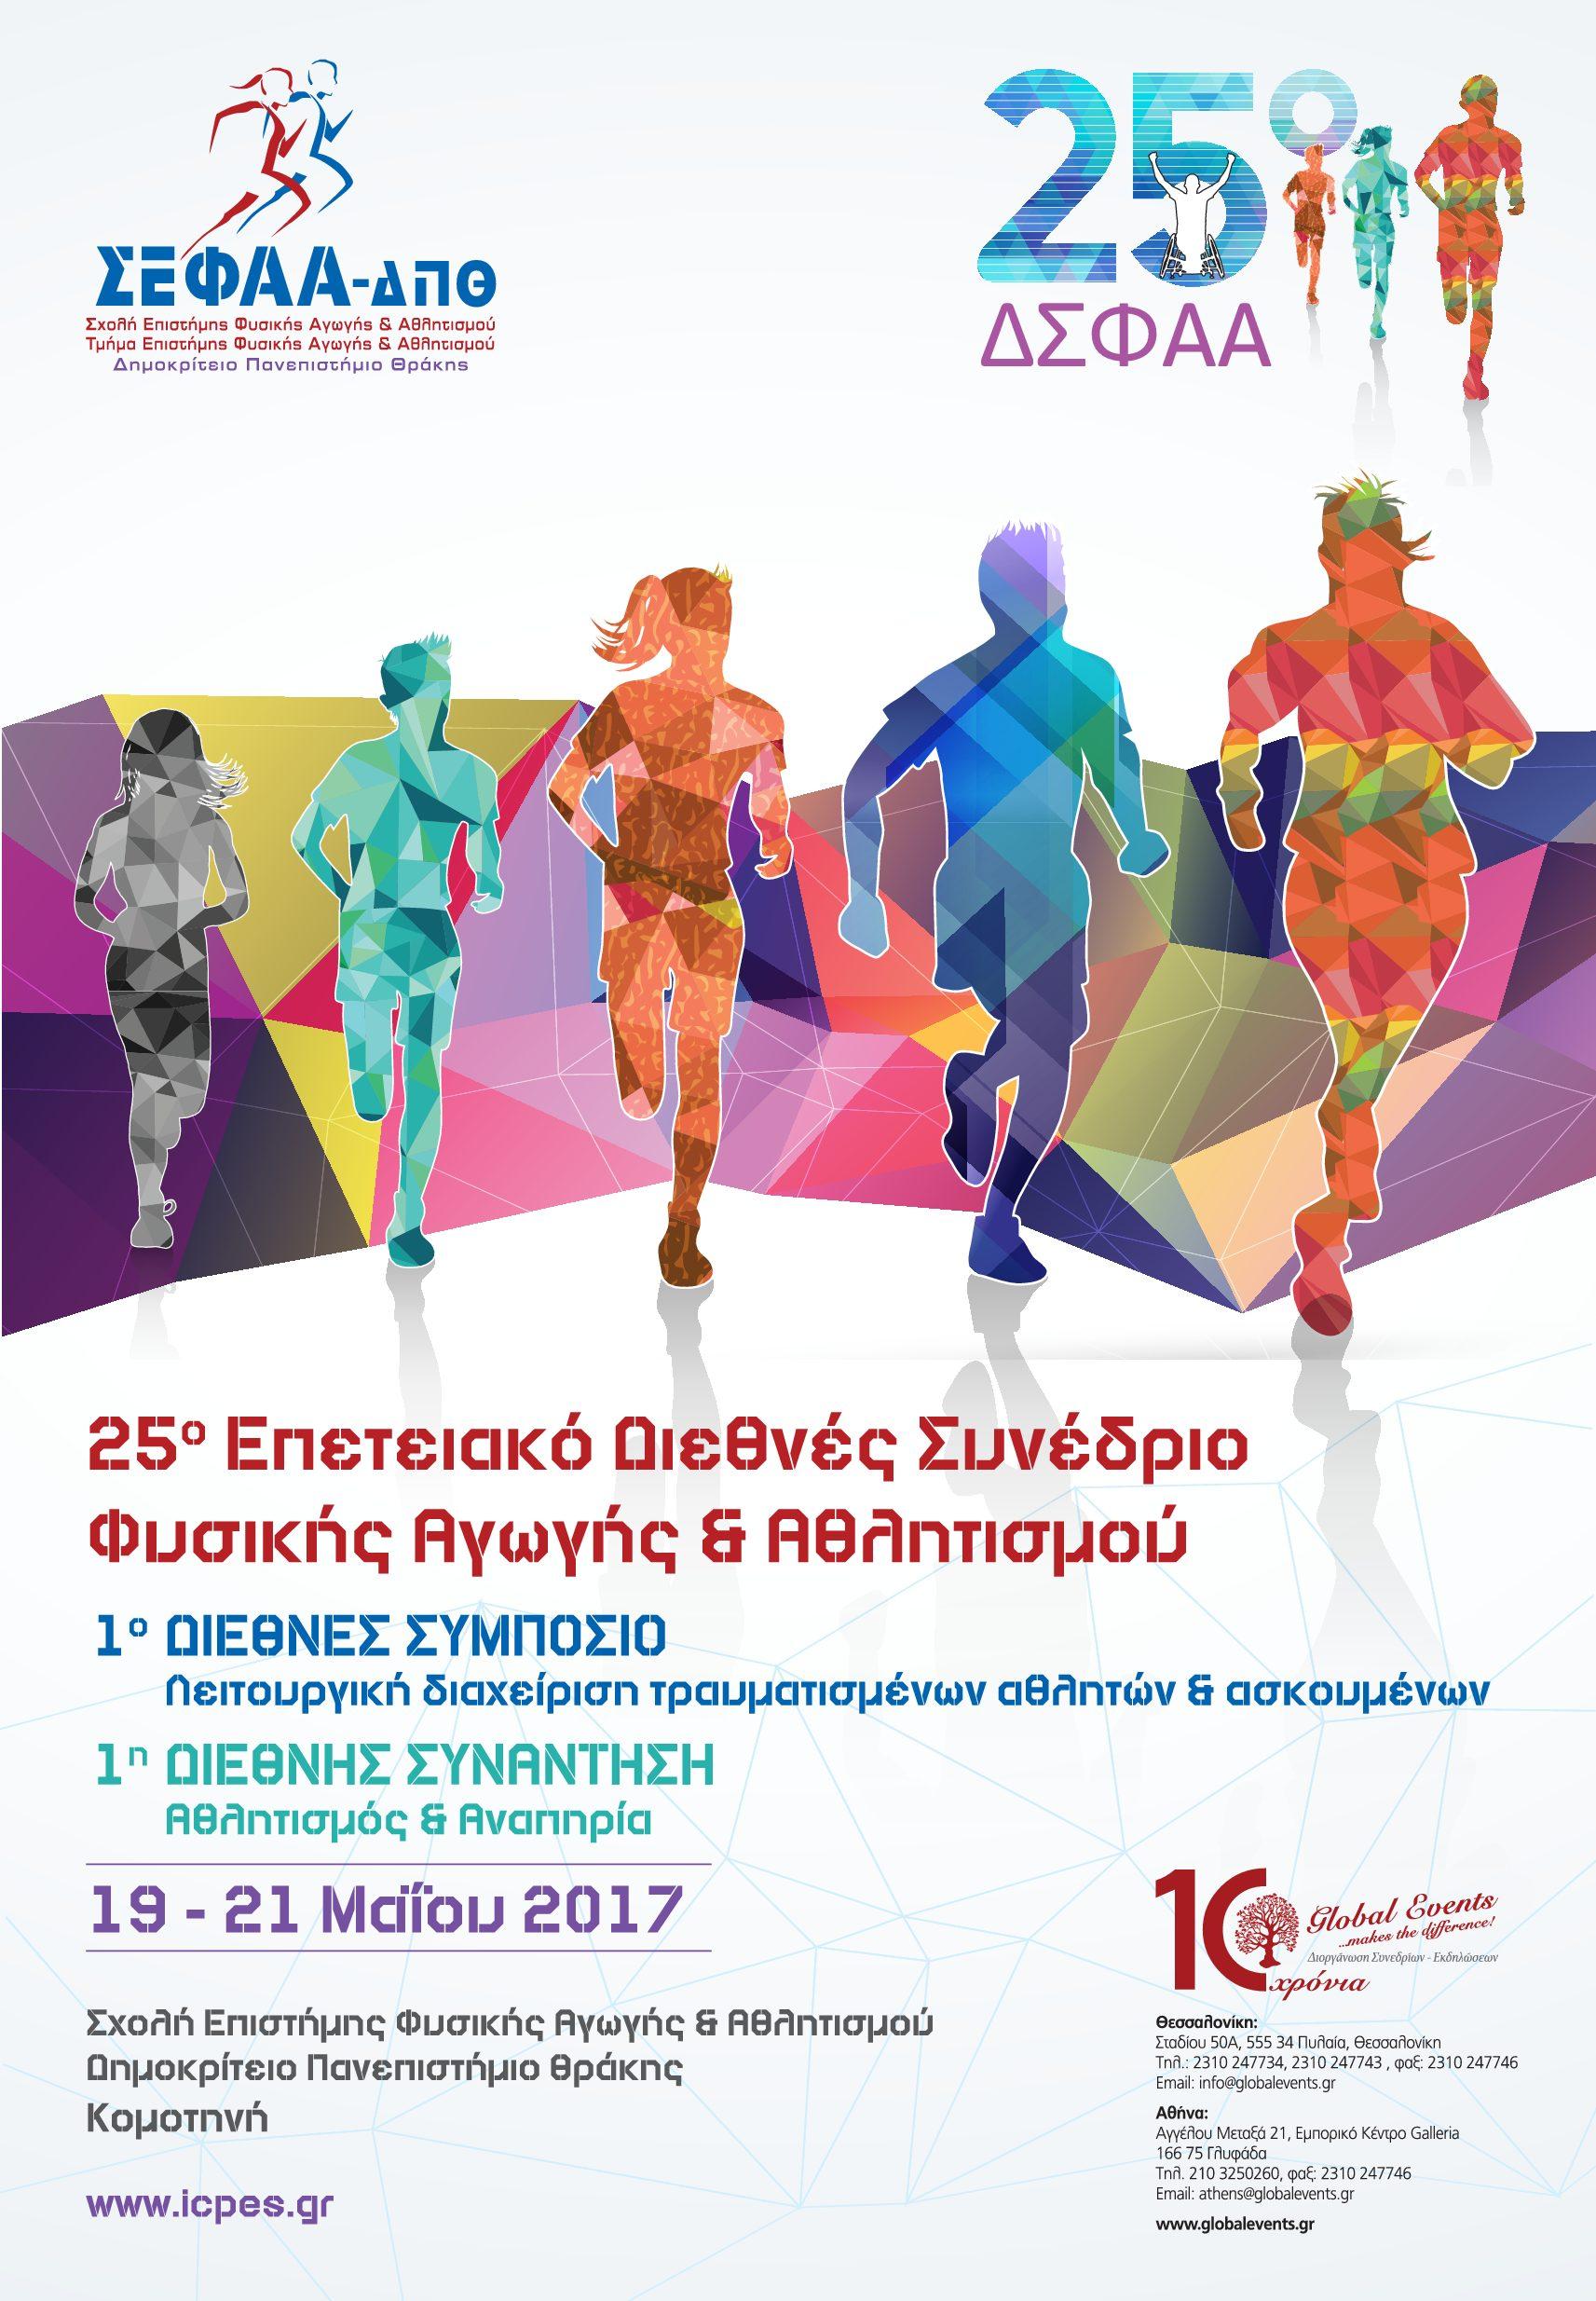 Η πανεπιστημιακή ελίτ του αθλητισμού, θα βρίσκεται στη Θράκη το τριήμερο 19-21 Μαΐου! Το πλήρες πρόγραμμα του Επετειακού Δ.Σ.Φ.Α.Α.